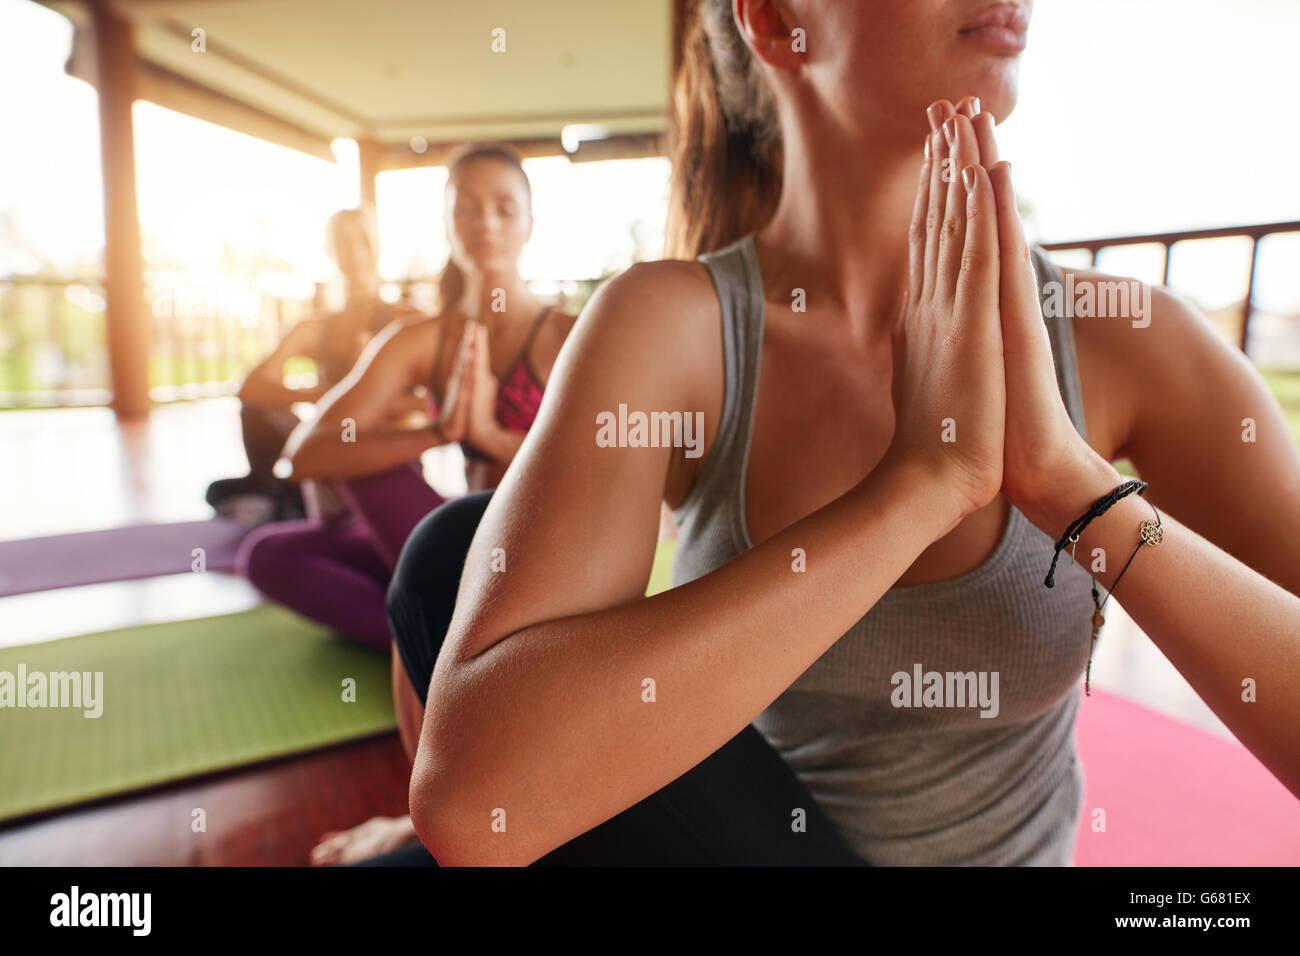 Immagine ravvicinata di giovane donna in classe di yoga a praticare lo yoga. Persone facendo ardha matsyendrasana Immagini Stock